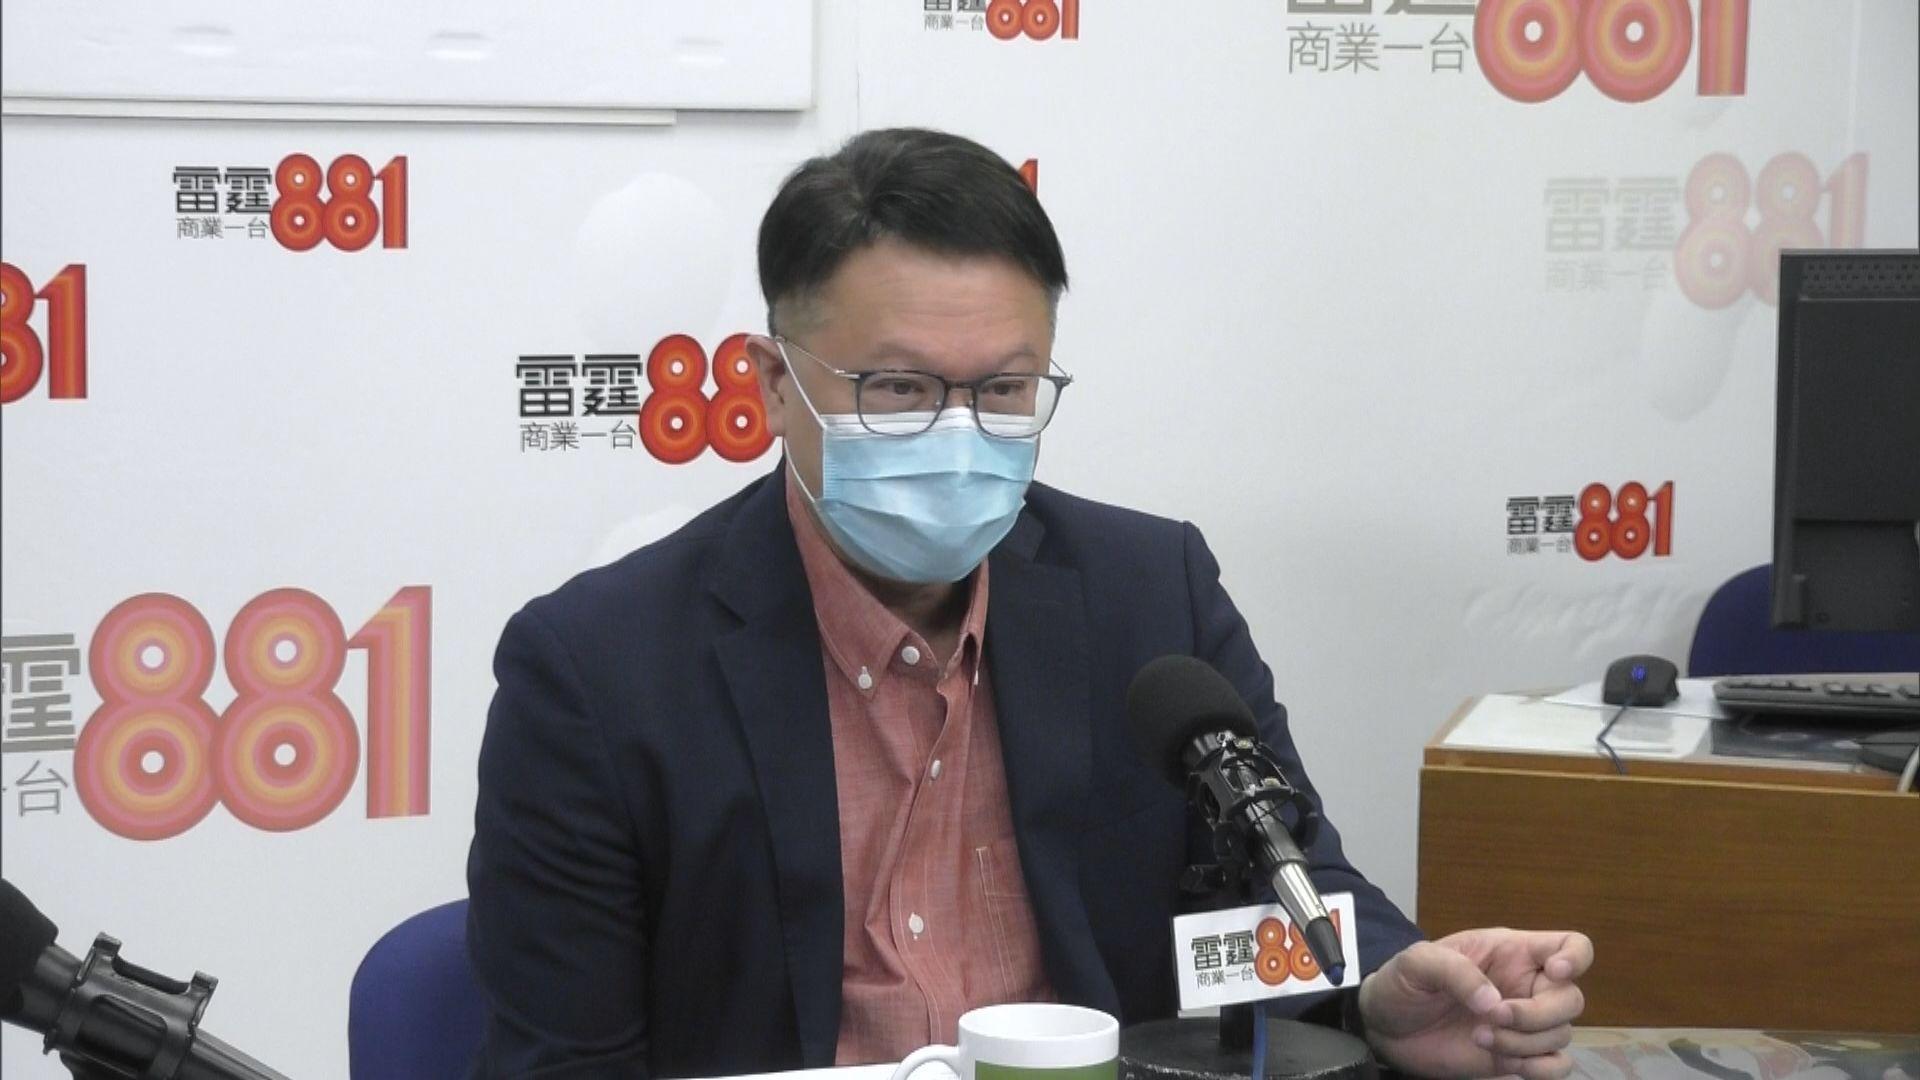 許樹昌:憂北京成武漢翻版 健康碼應延遲推行